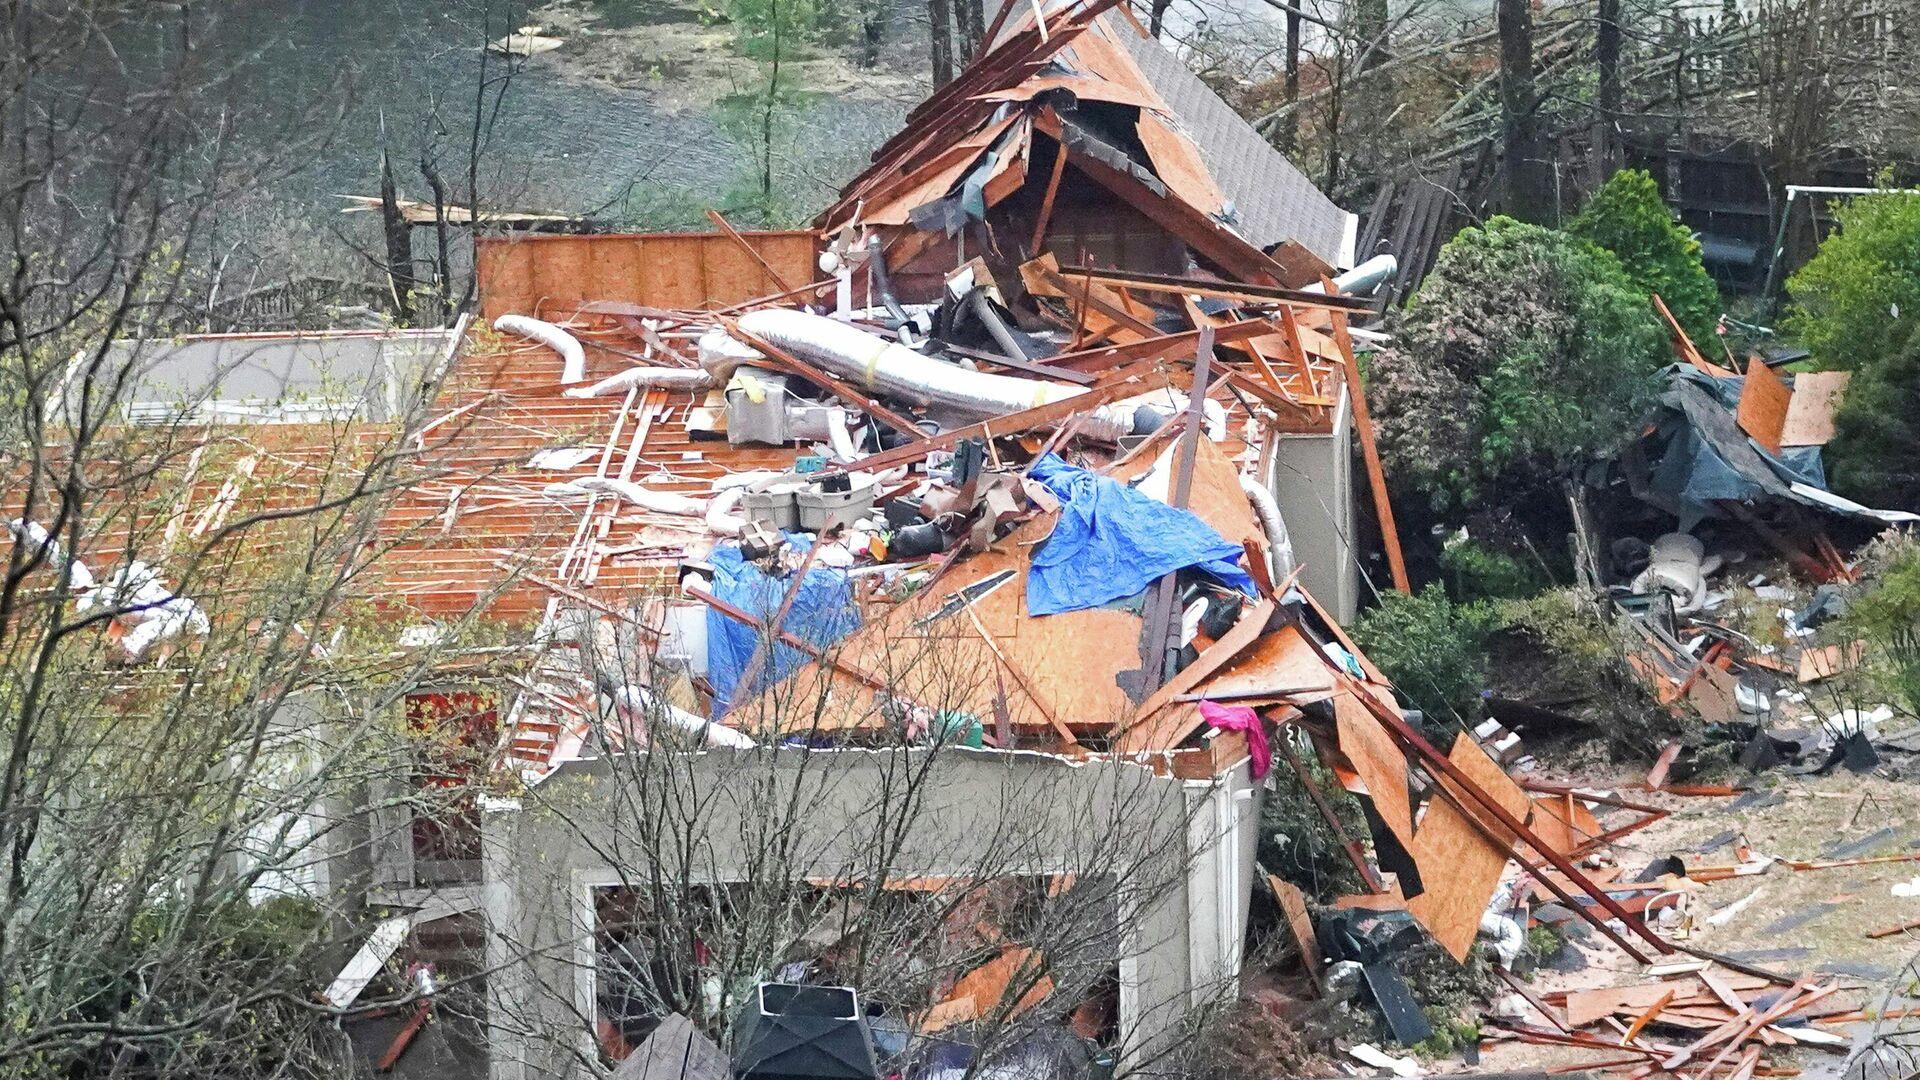 Las consecuencias de tornados en Alabama, EEUU - Sputnik Mundo, 1920, 26.03.2021